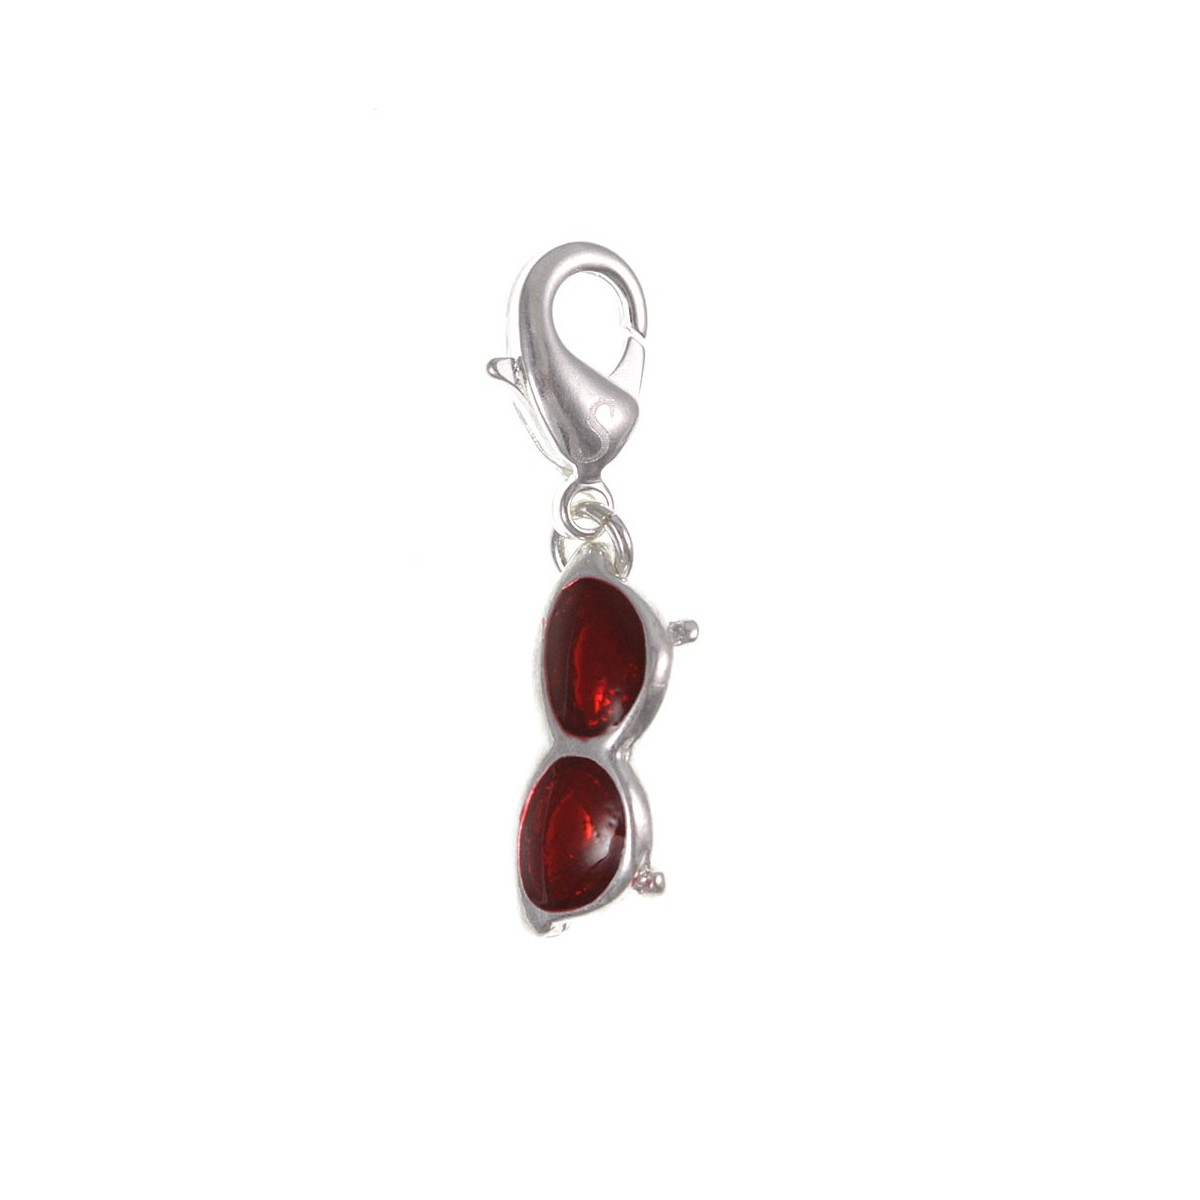 Charm lunette rouge So Charm plaqué argent 3 microns